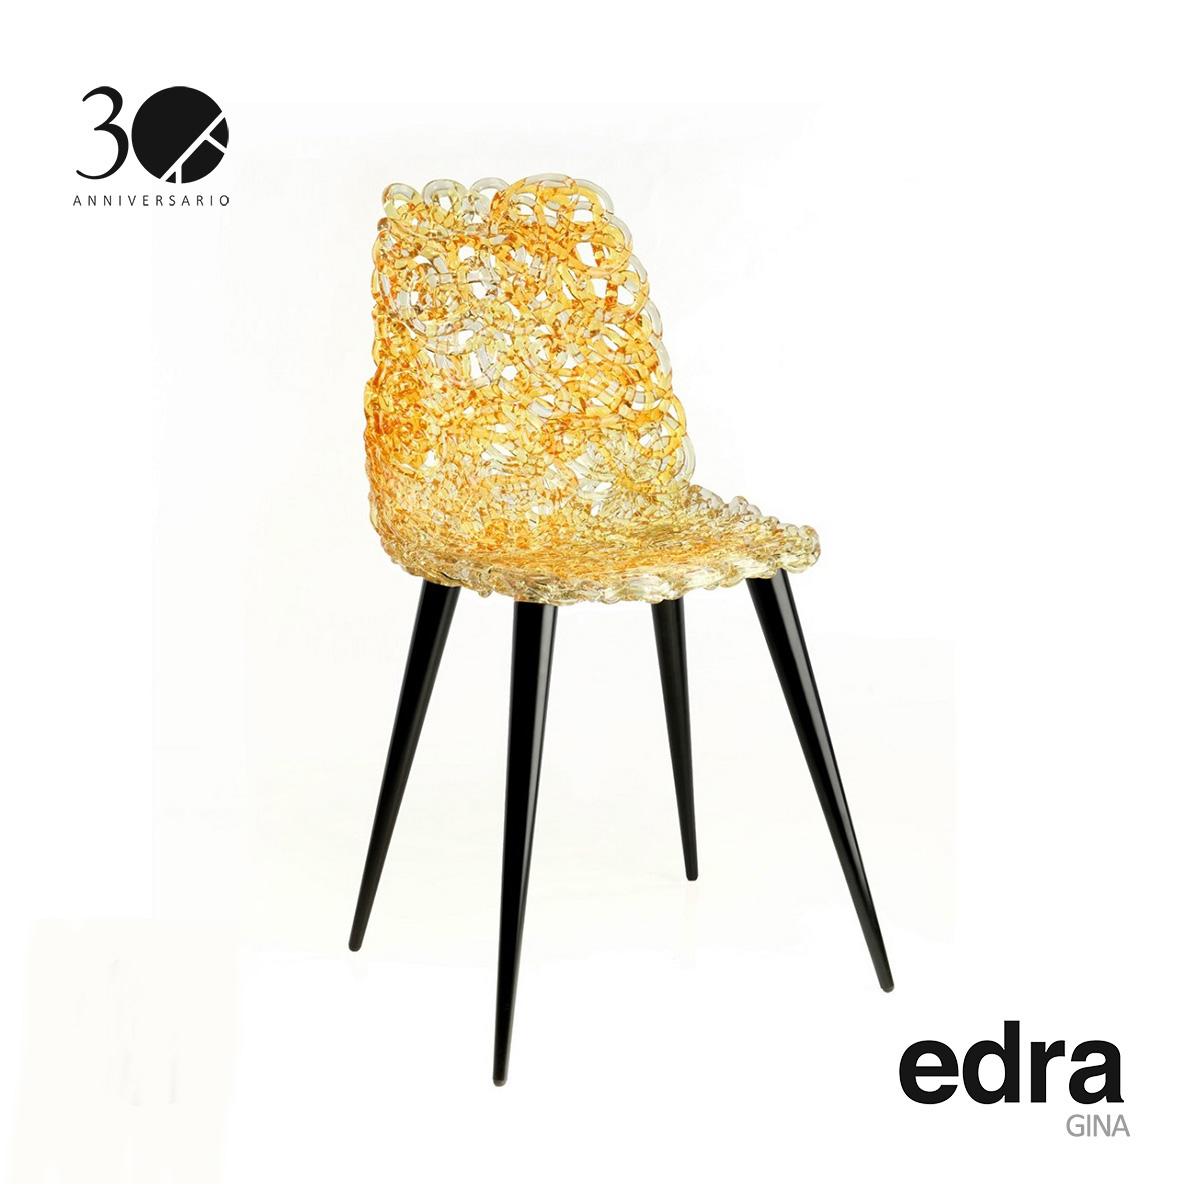 EDRA - GINA